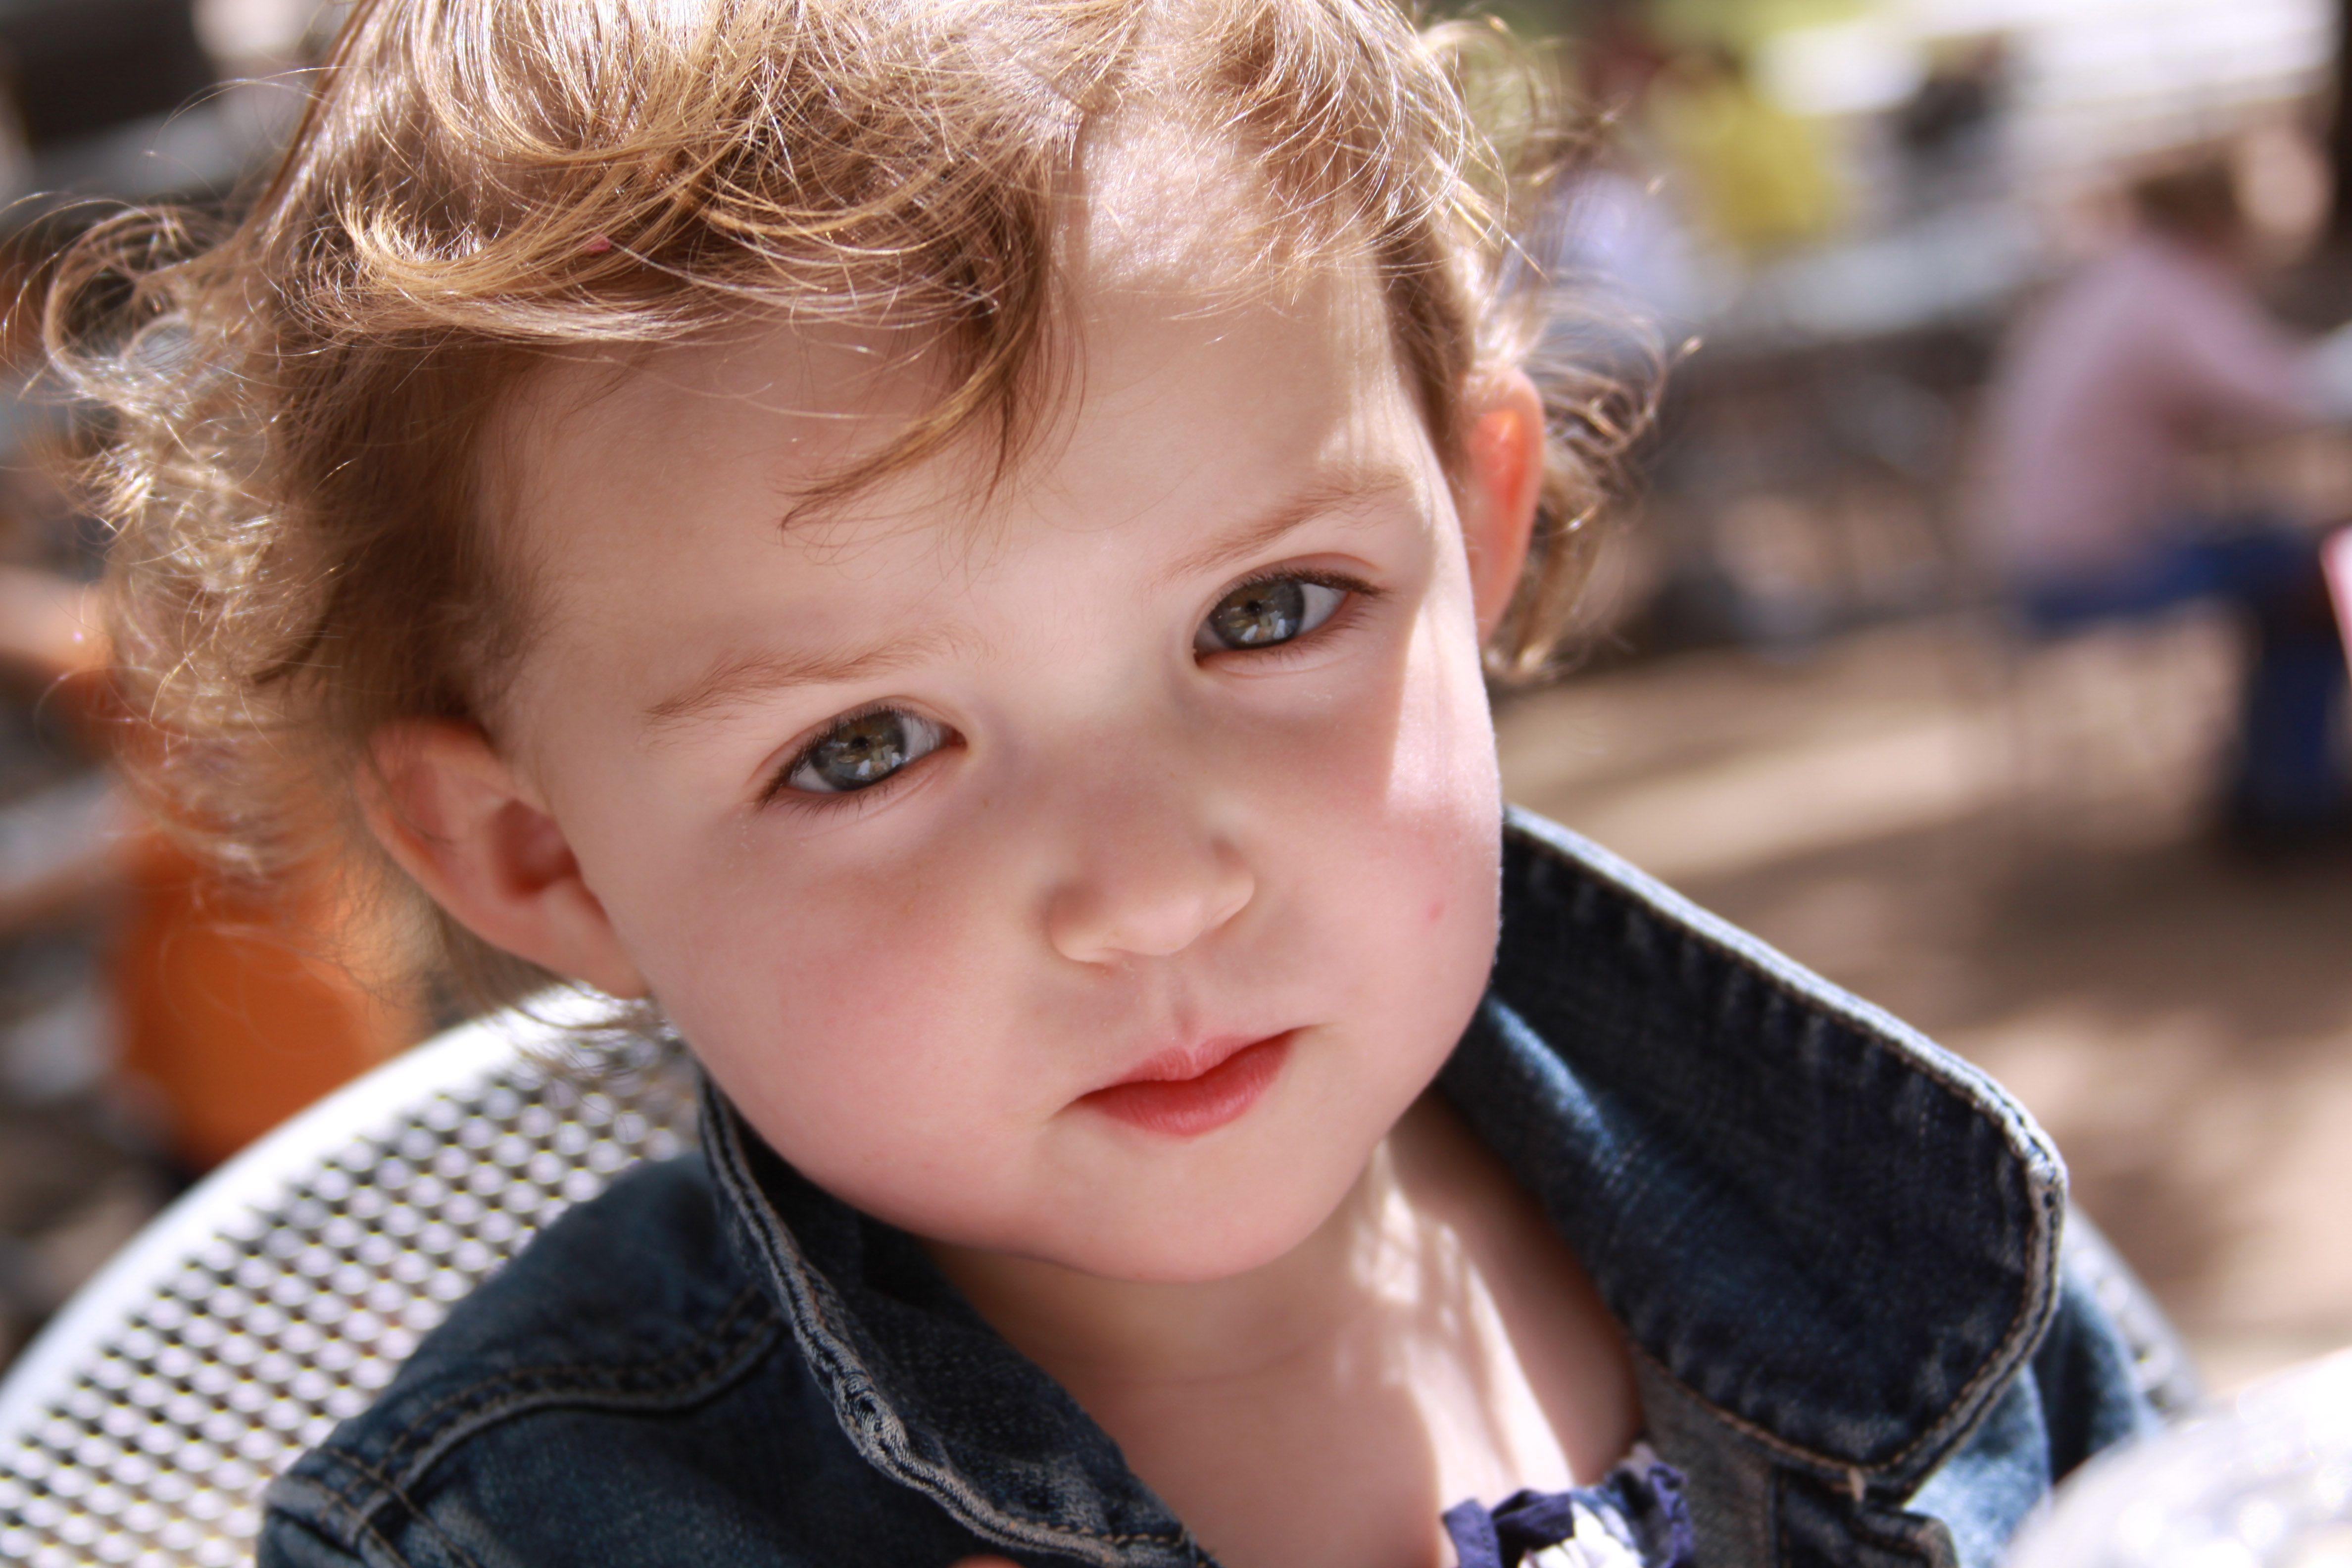 #littleone #shannondukesphotography  http://www.larkbainbridge.com/